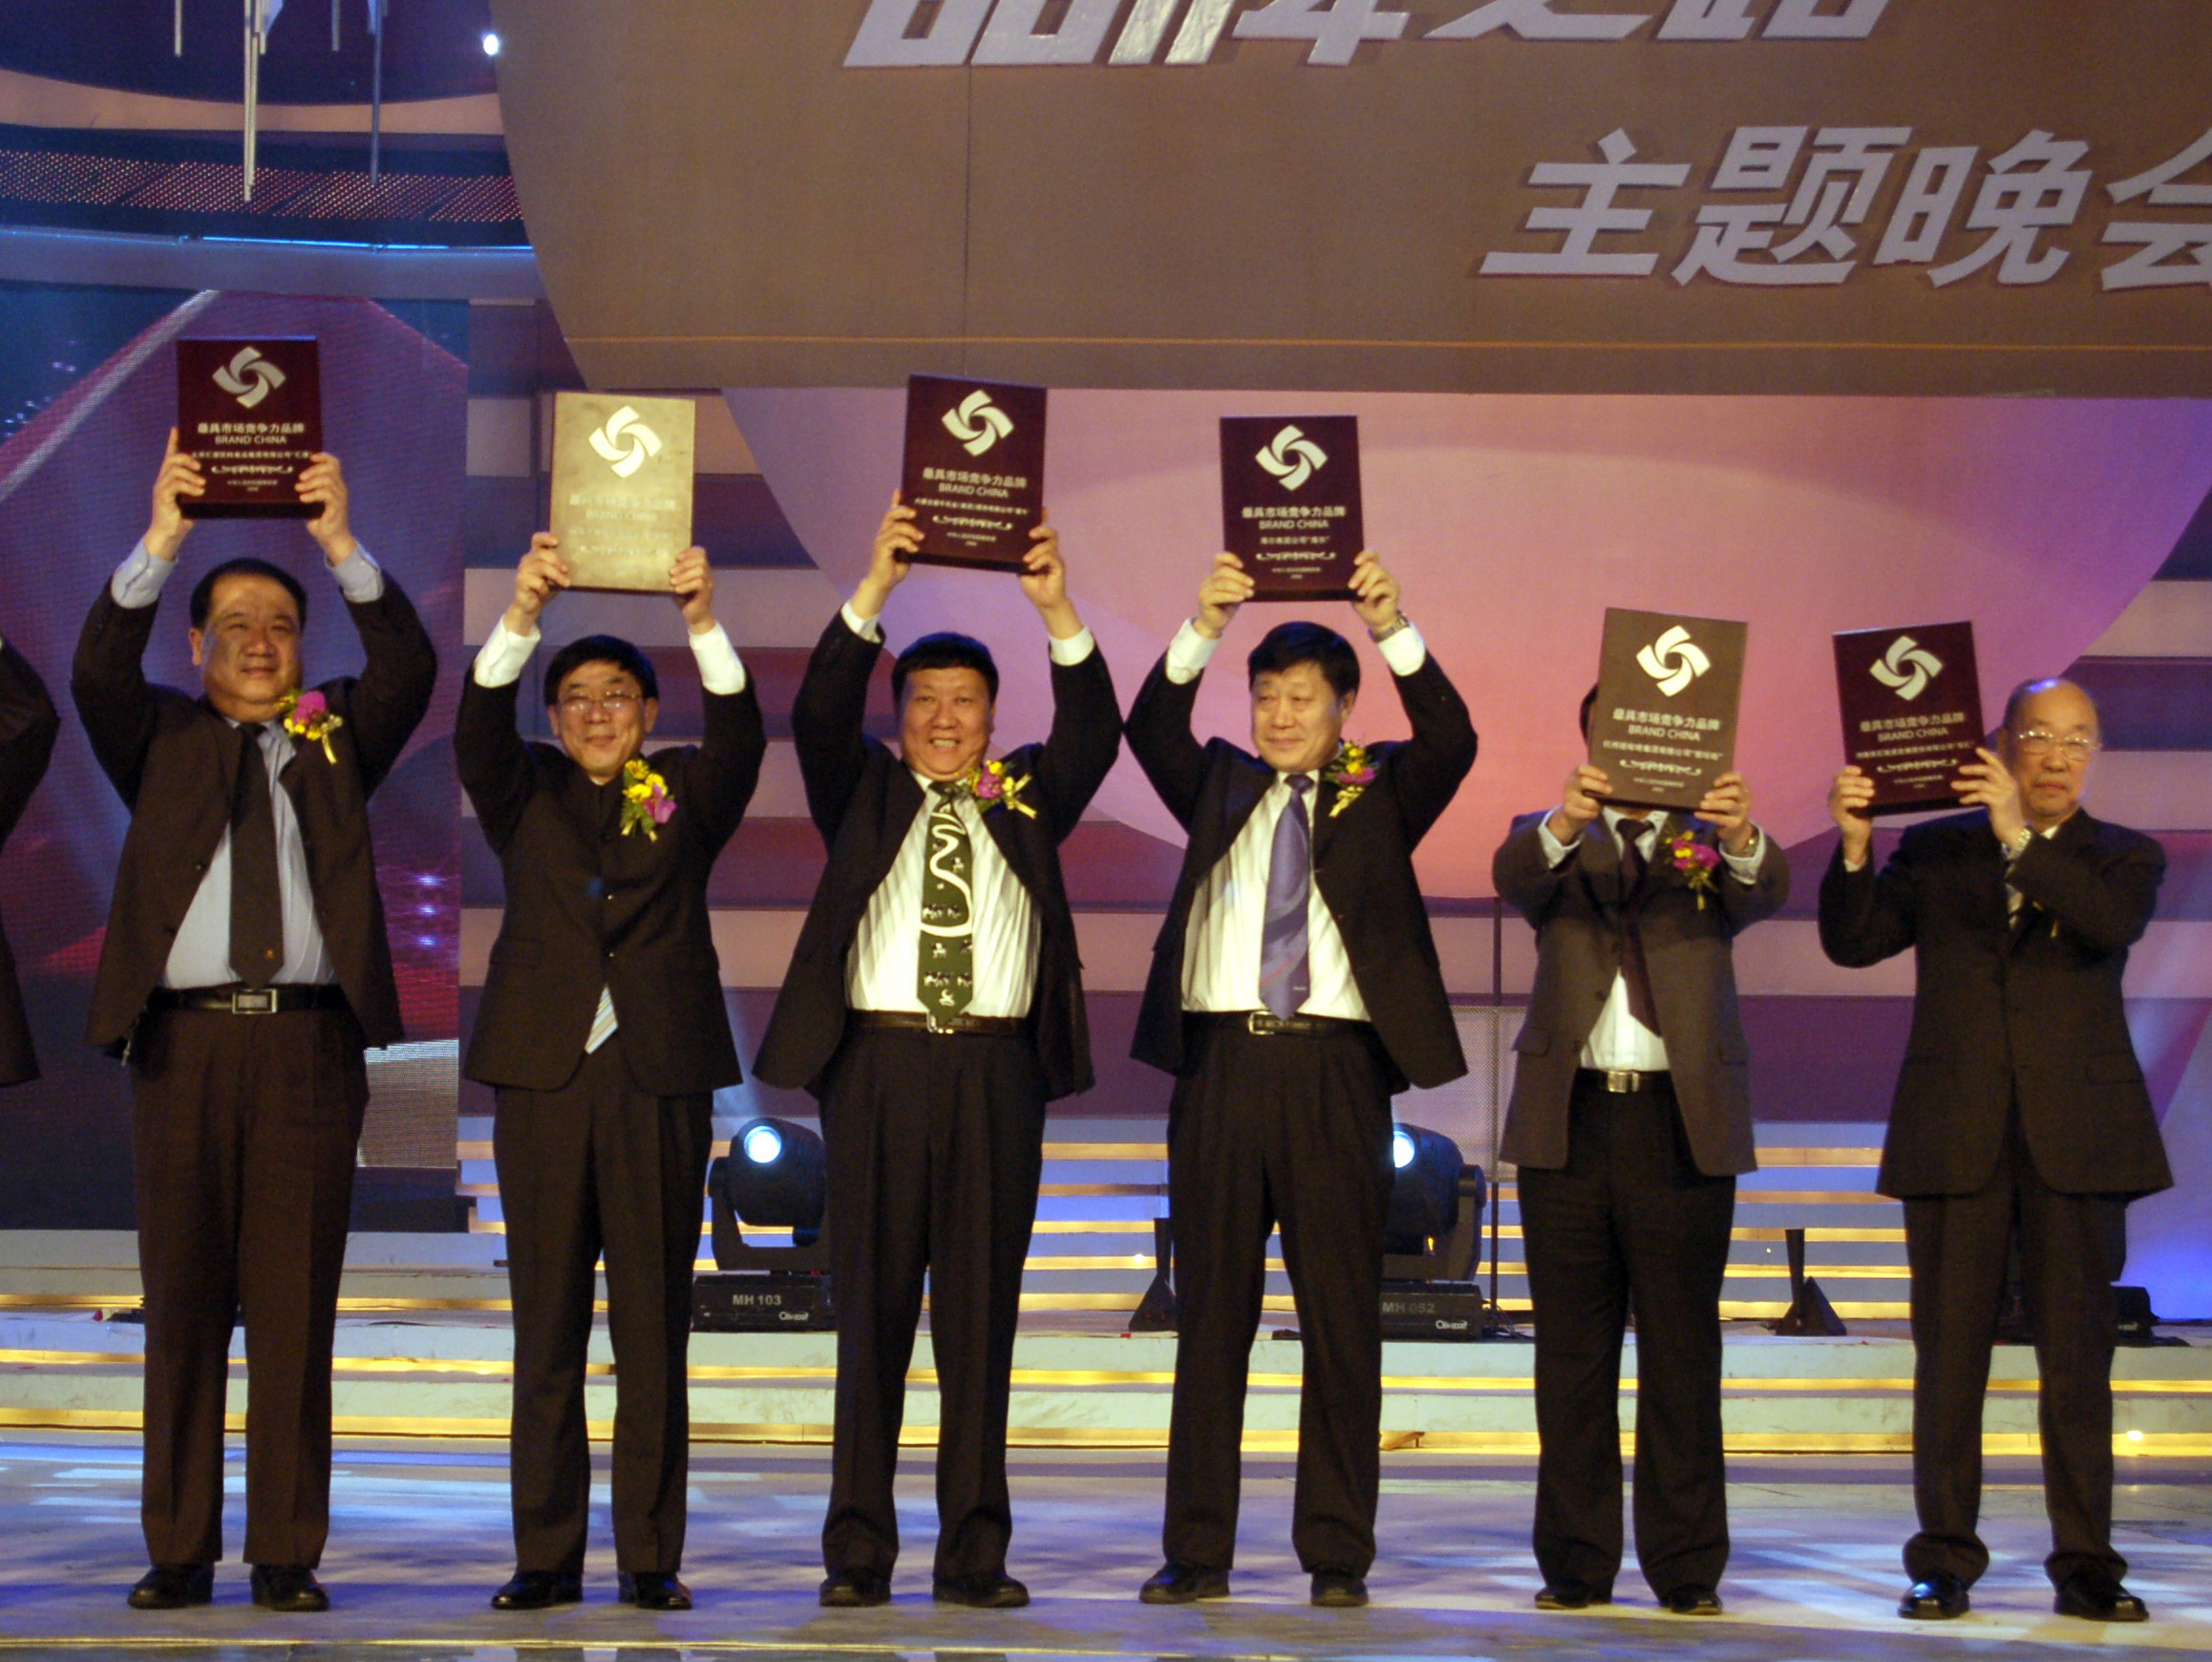 蒙牛荣膺商务部首届最具竞争力品牌